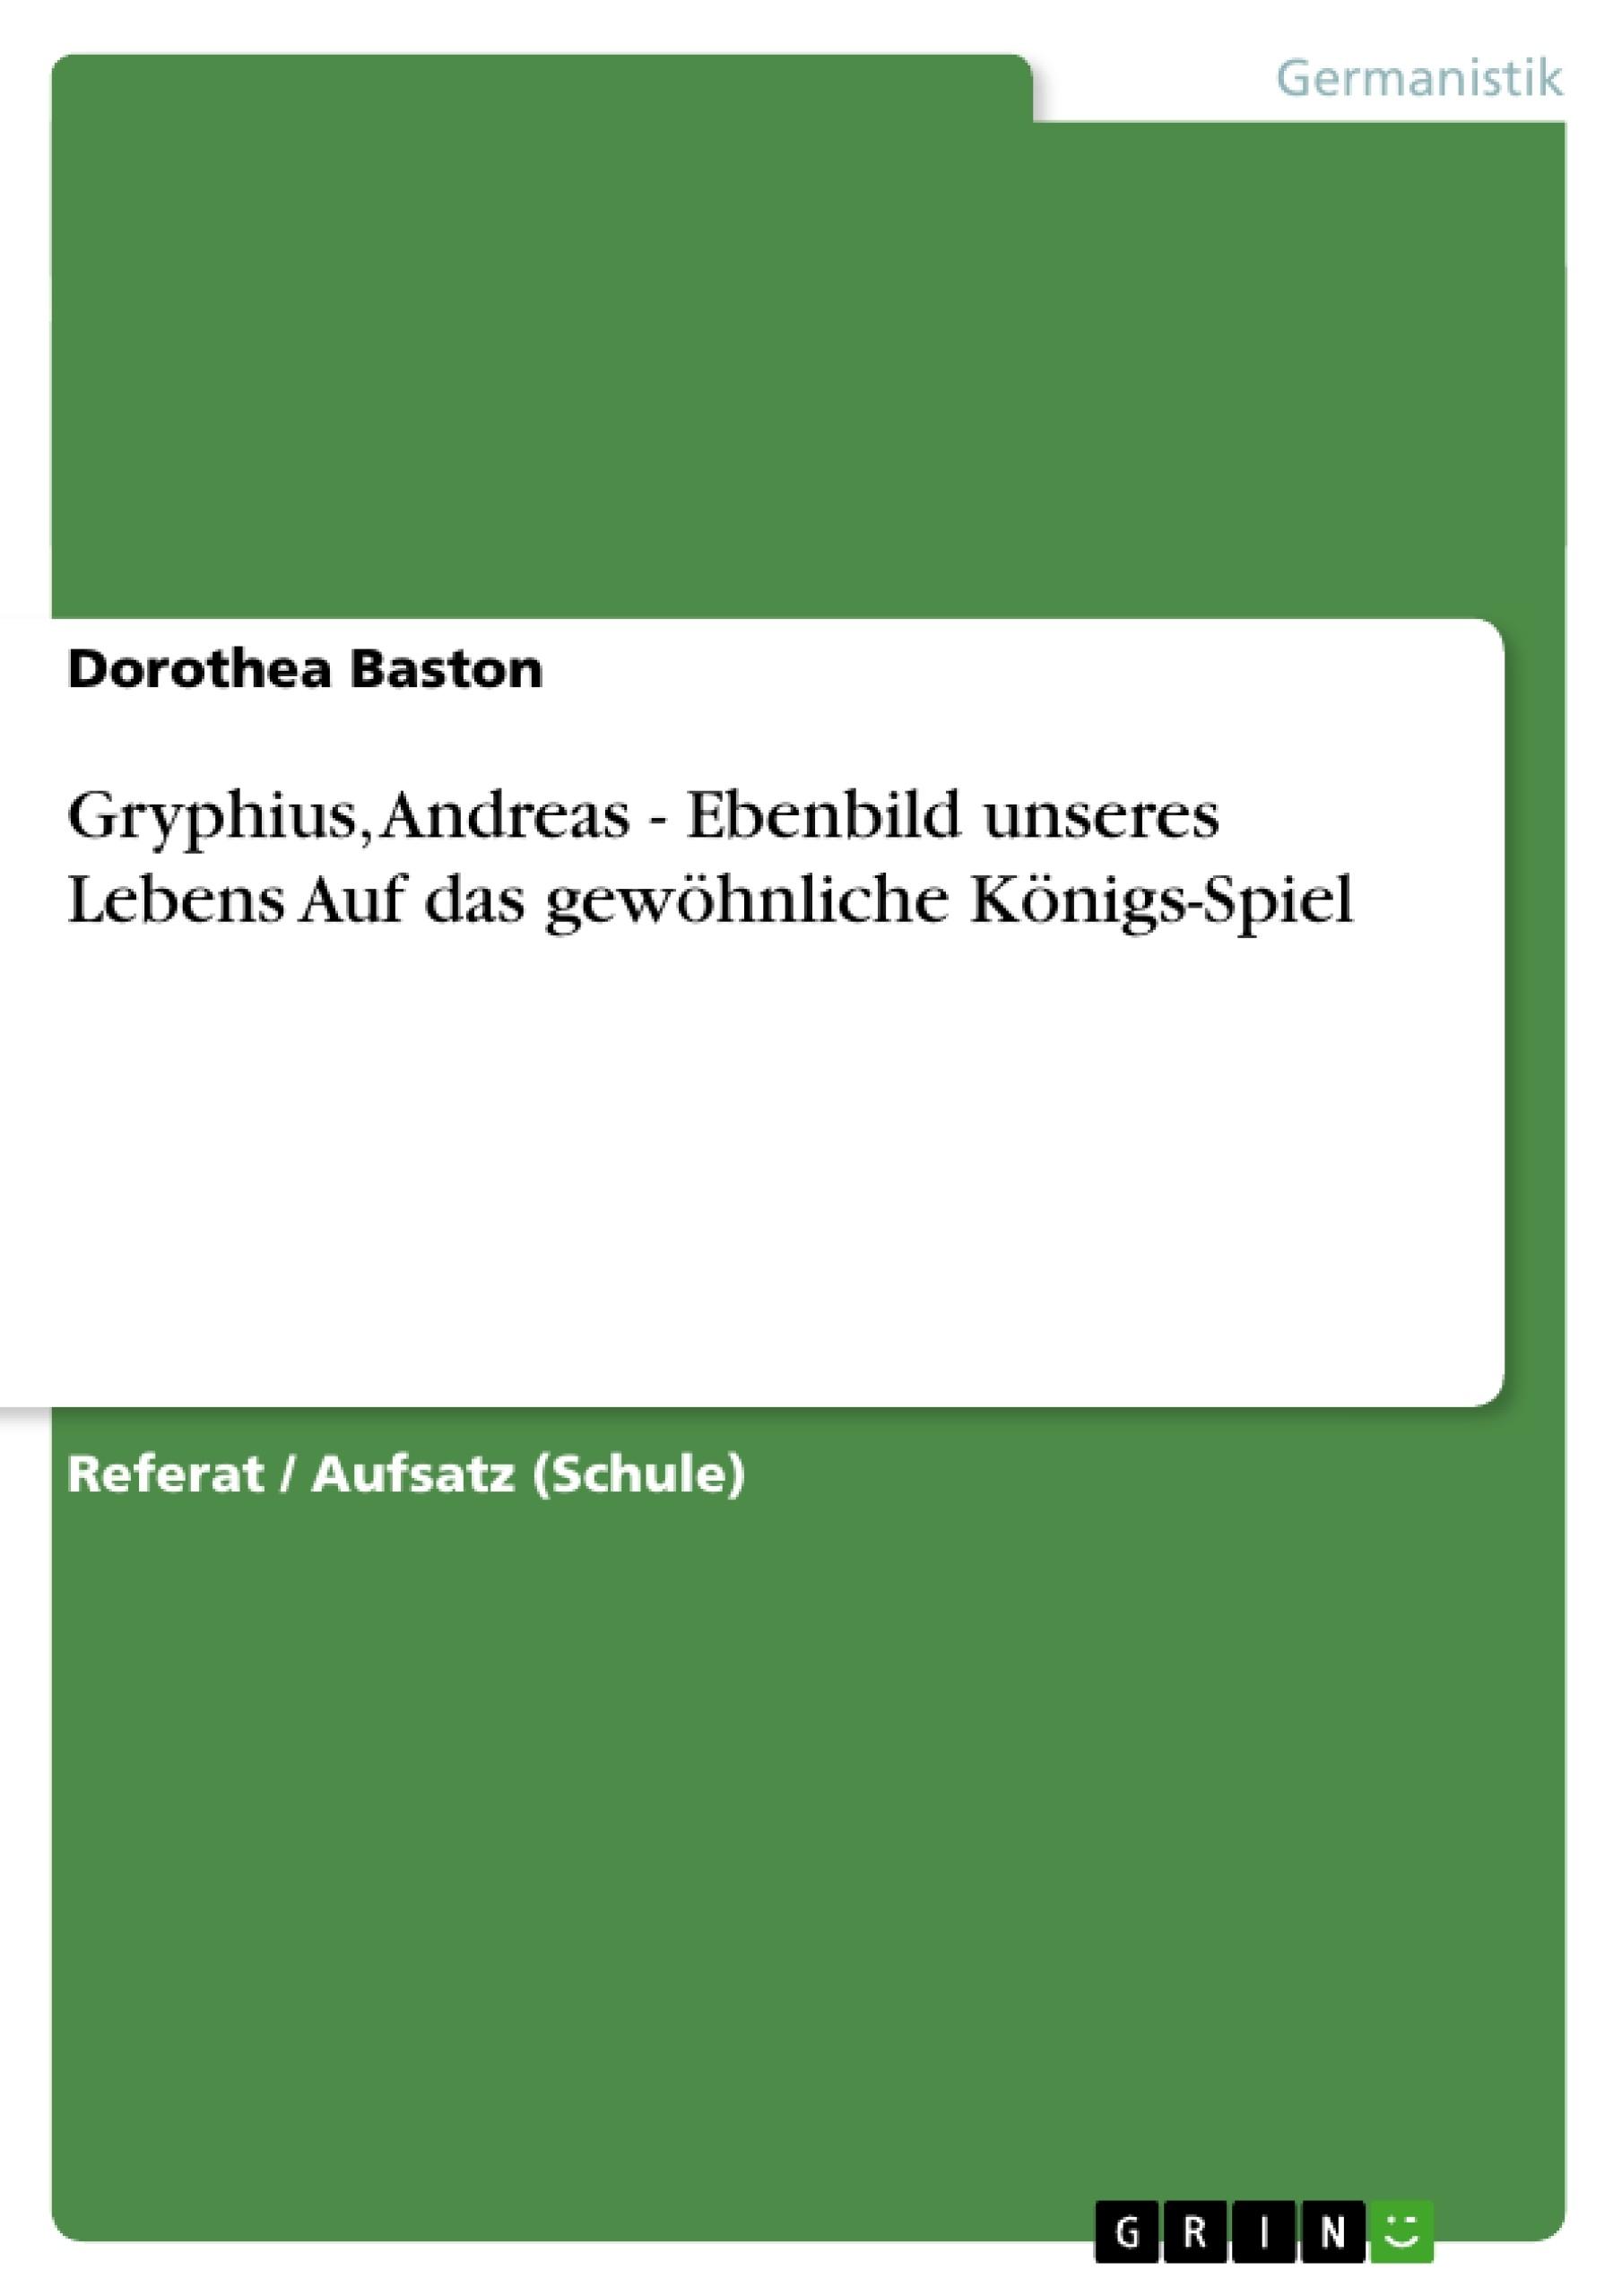 Titel: Gryphius, Andreas - Ebenbild unseres Lebens Auf das gewöhnliche Königs-Spiel